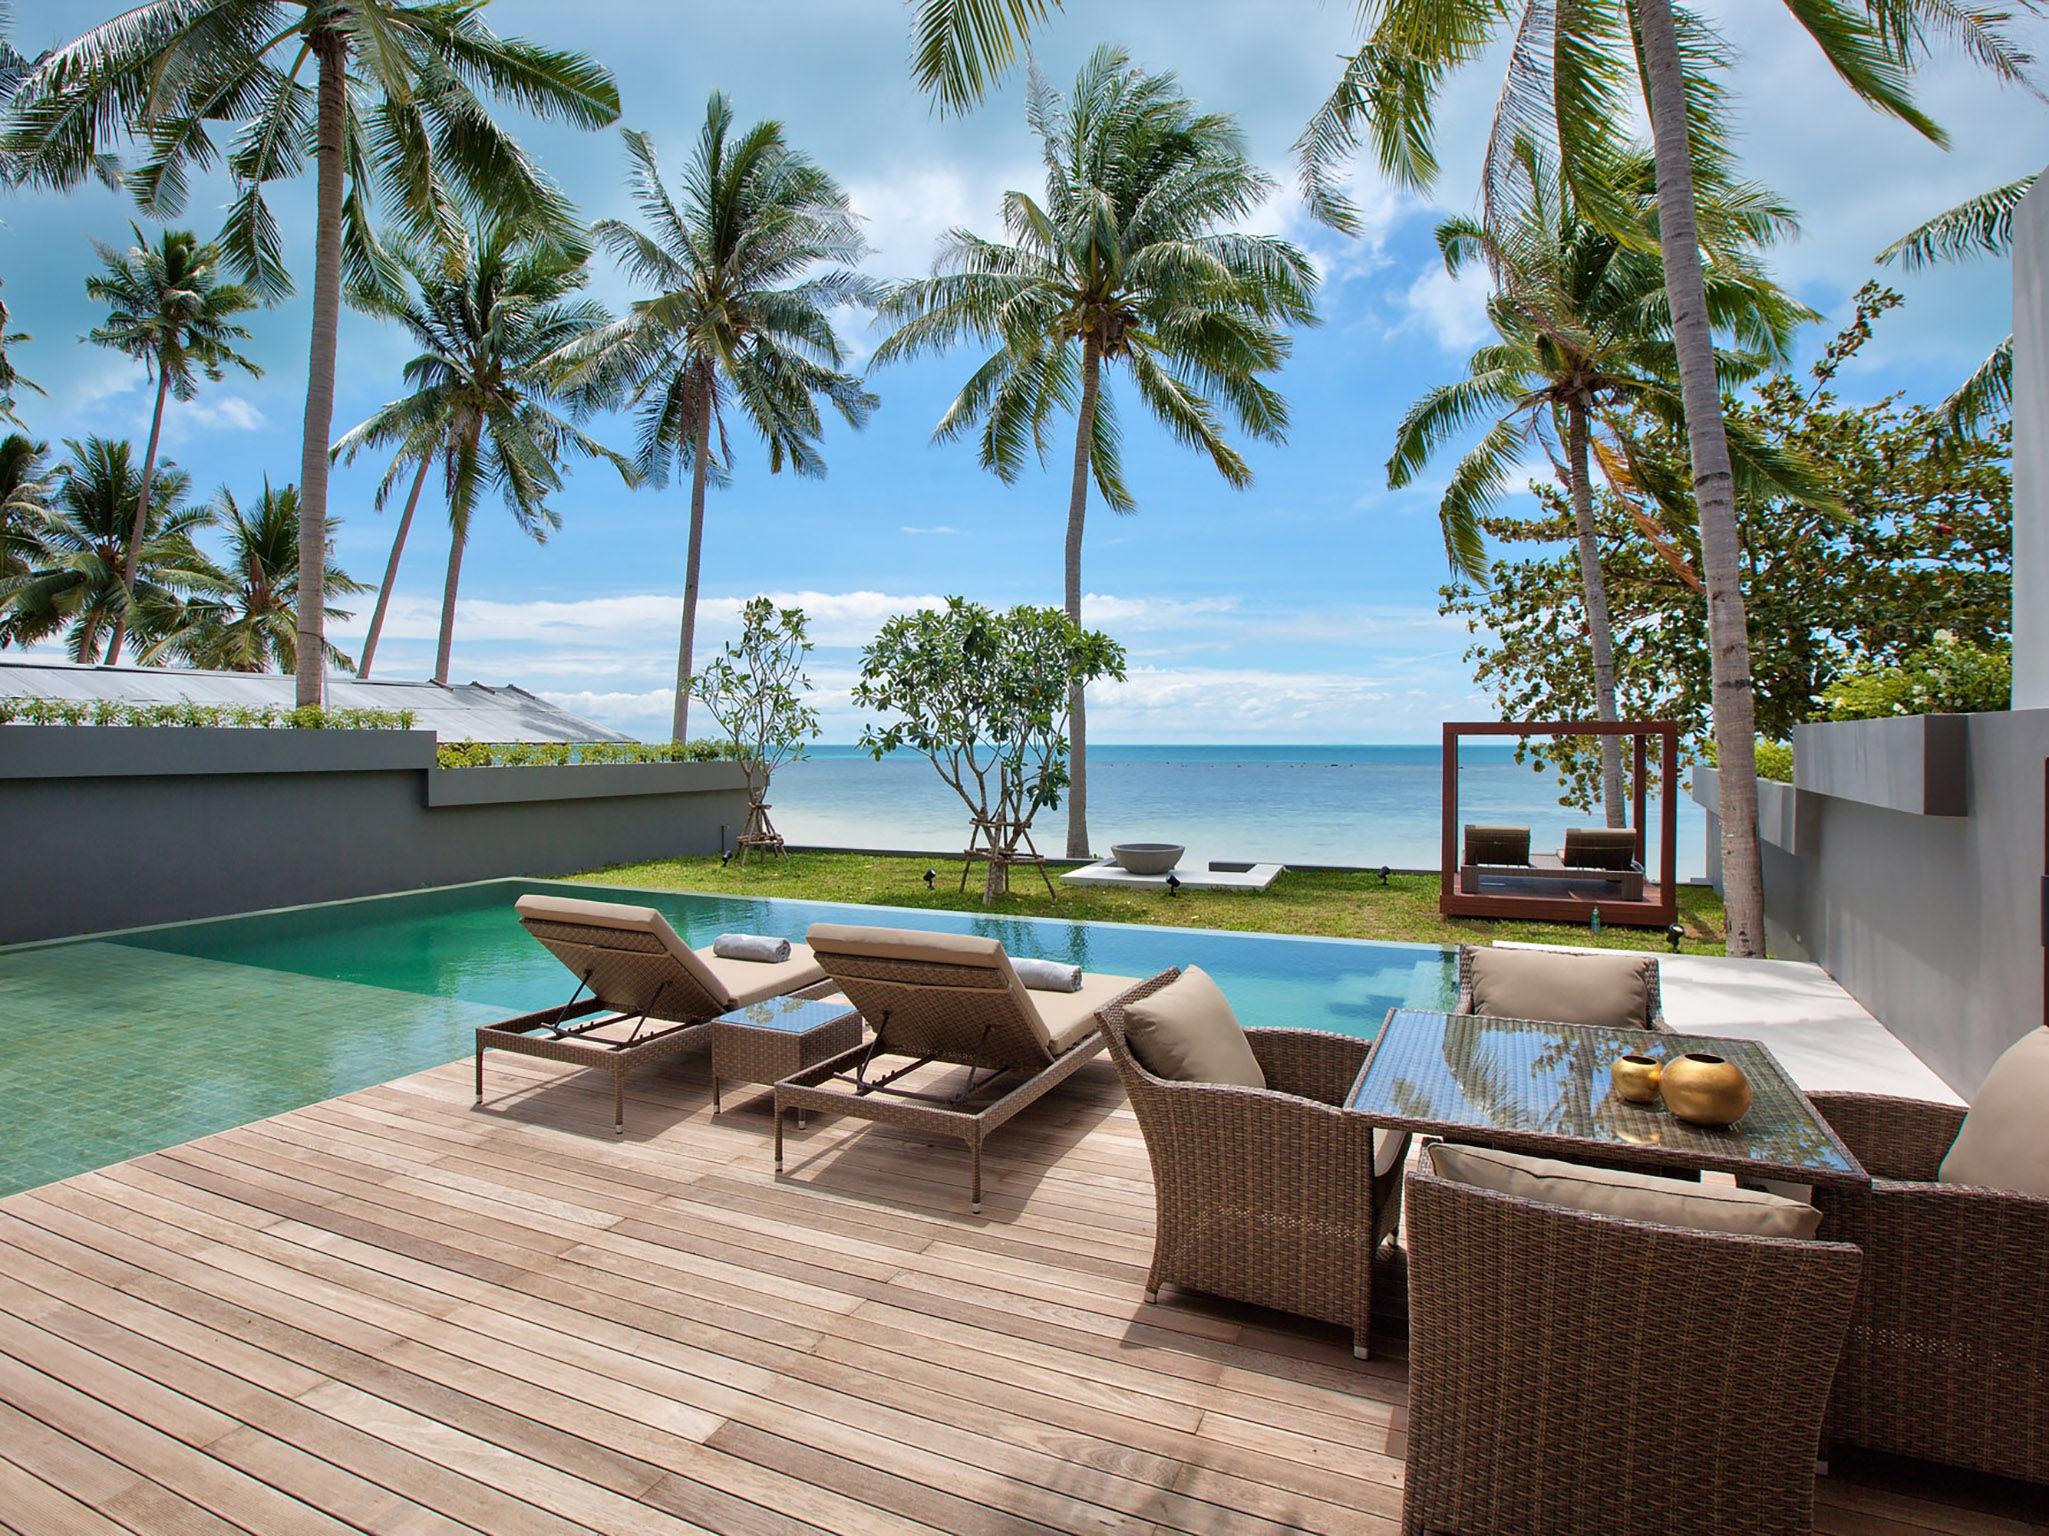 Villa Soong at Mandalay Beach Villas - Truly tropical sanctuary